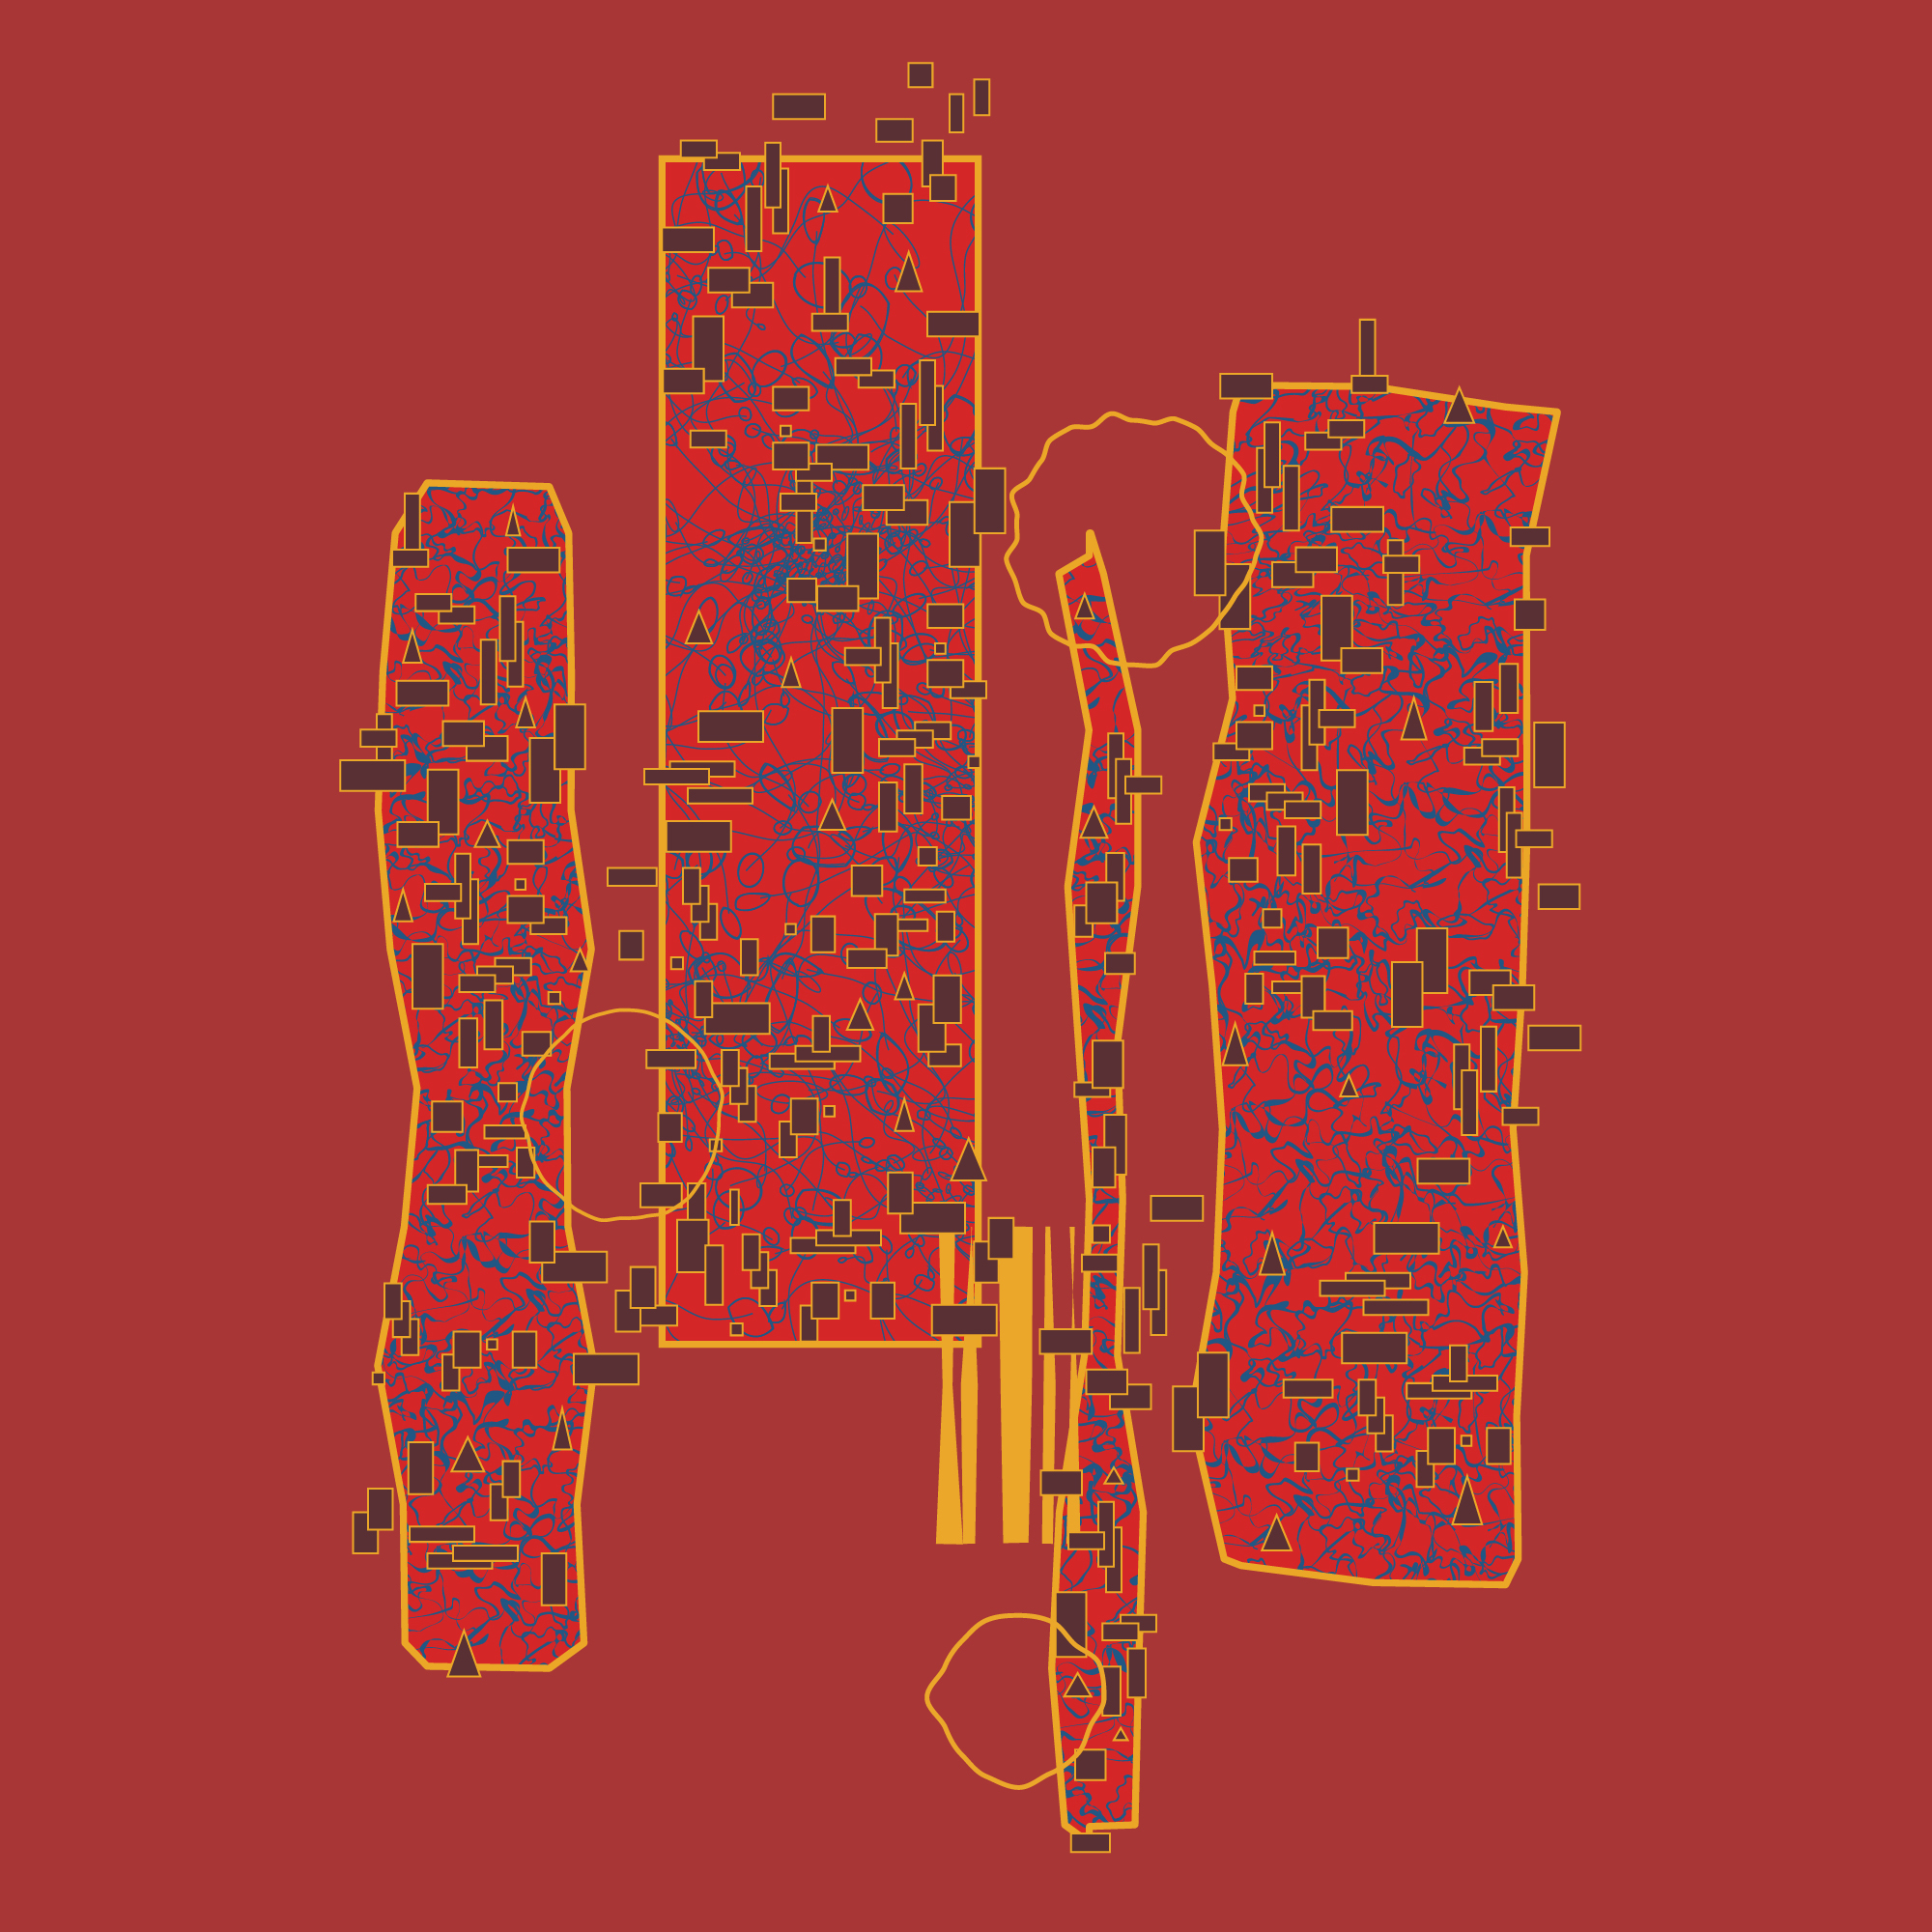 Adhianto Aryo - Sintaksis LP